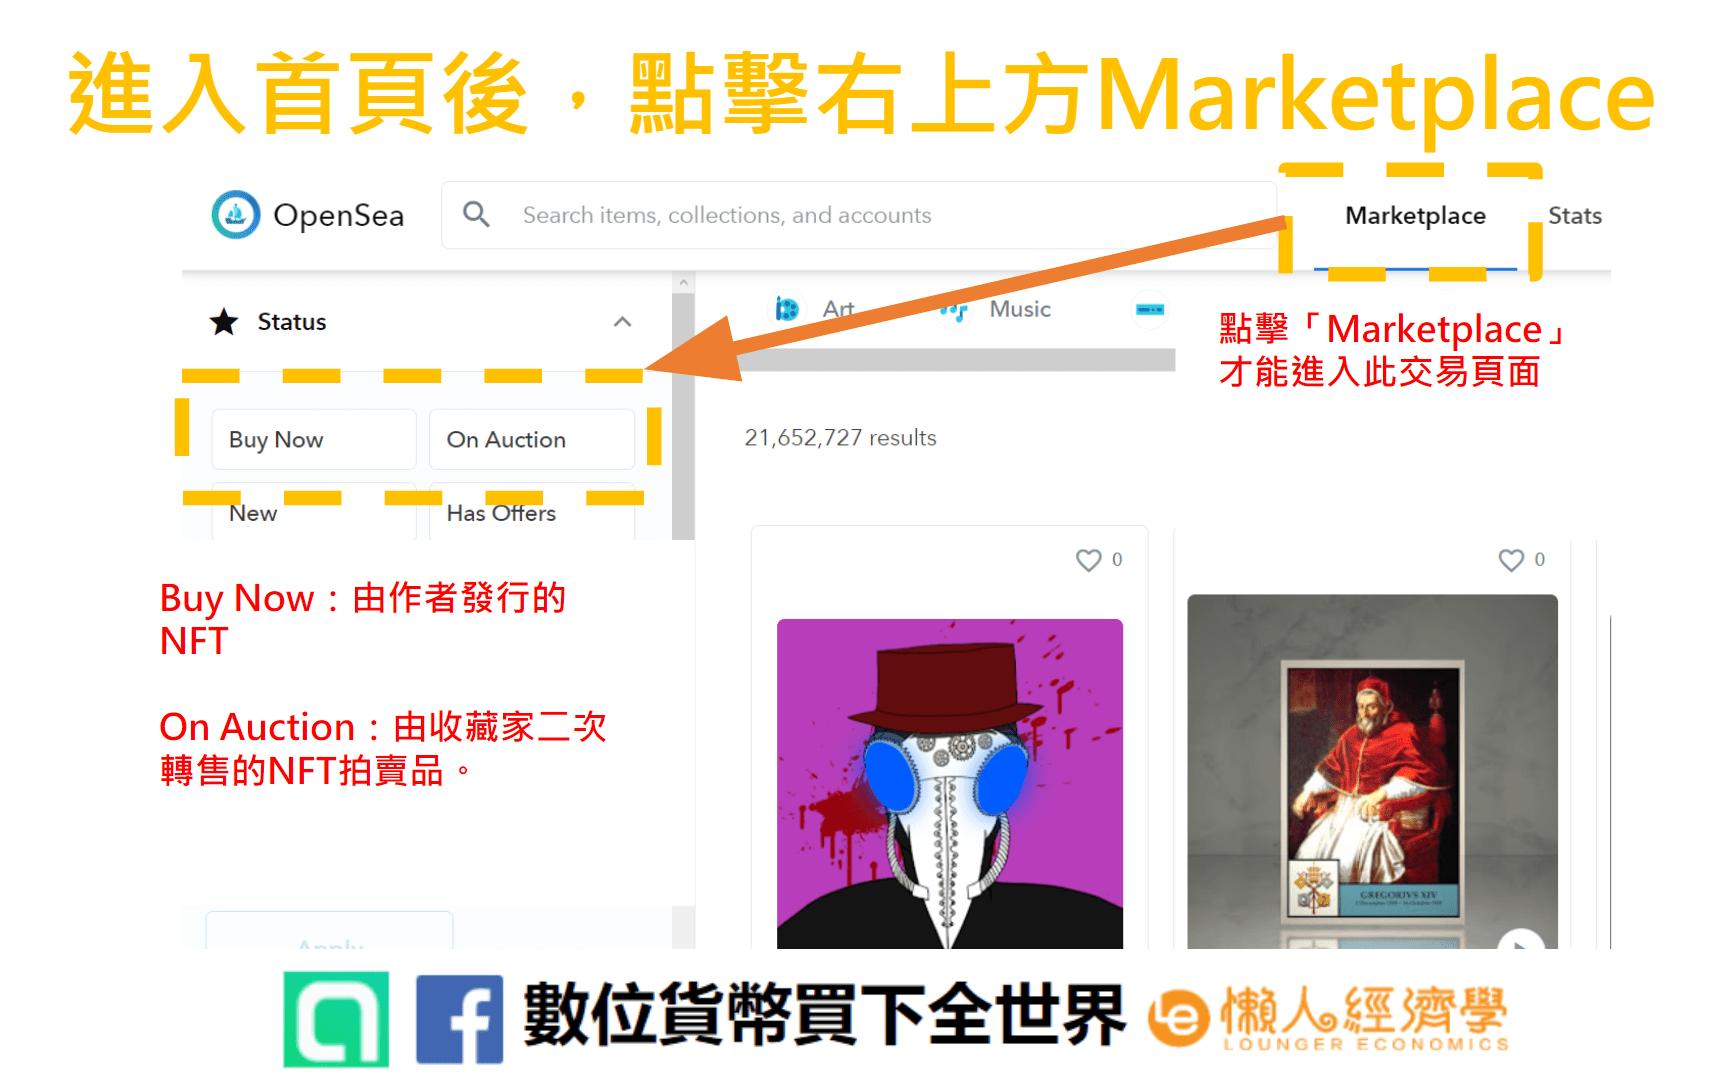 NFT購買教學,以Opensea為範例,進入首頁後,點擊右上方Marketplace,即可選購NFT